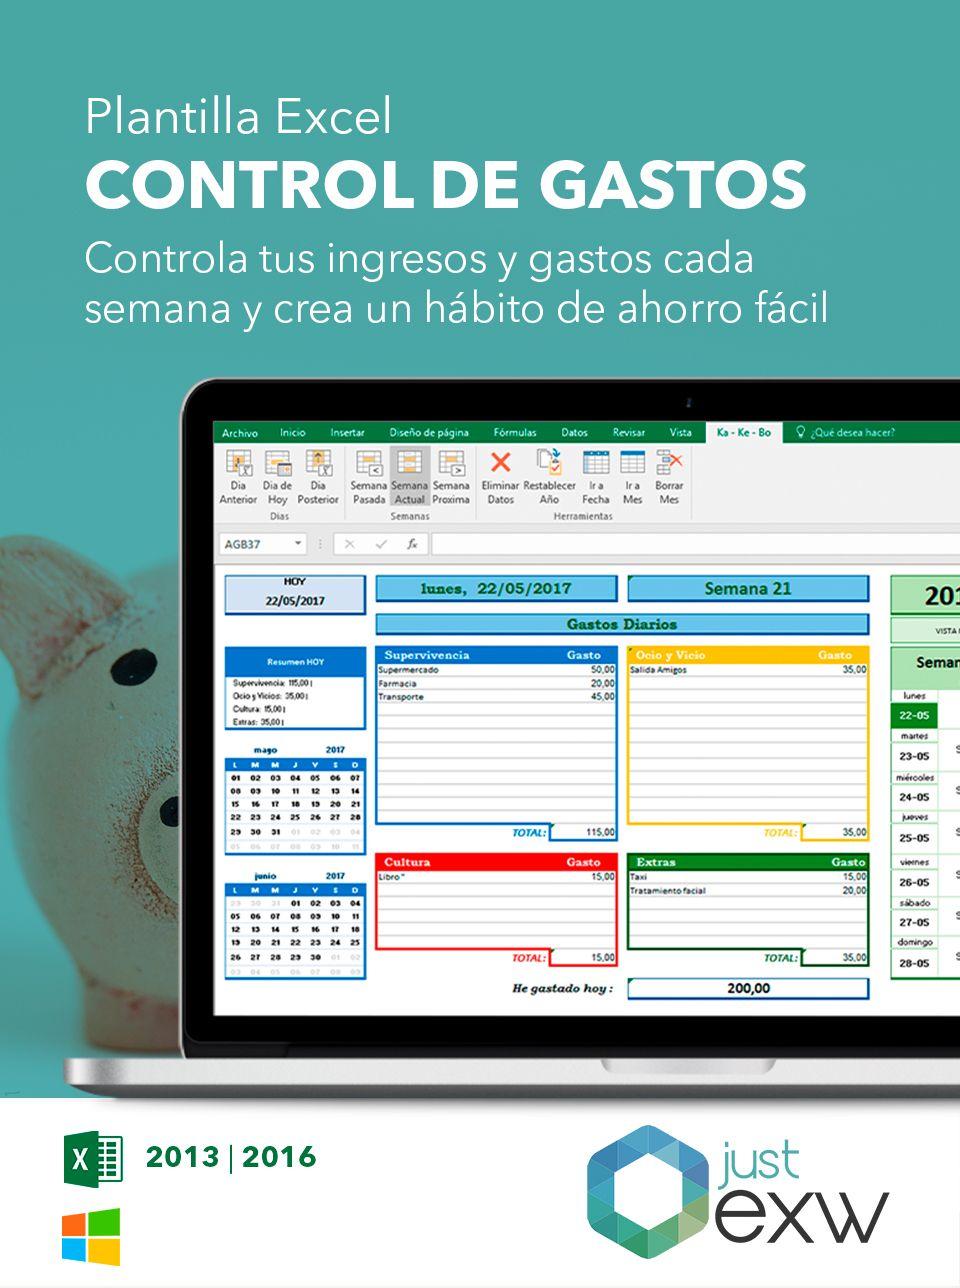 Plantilla Excel Gastos e ingresos